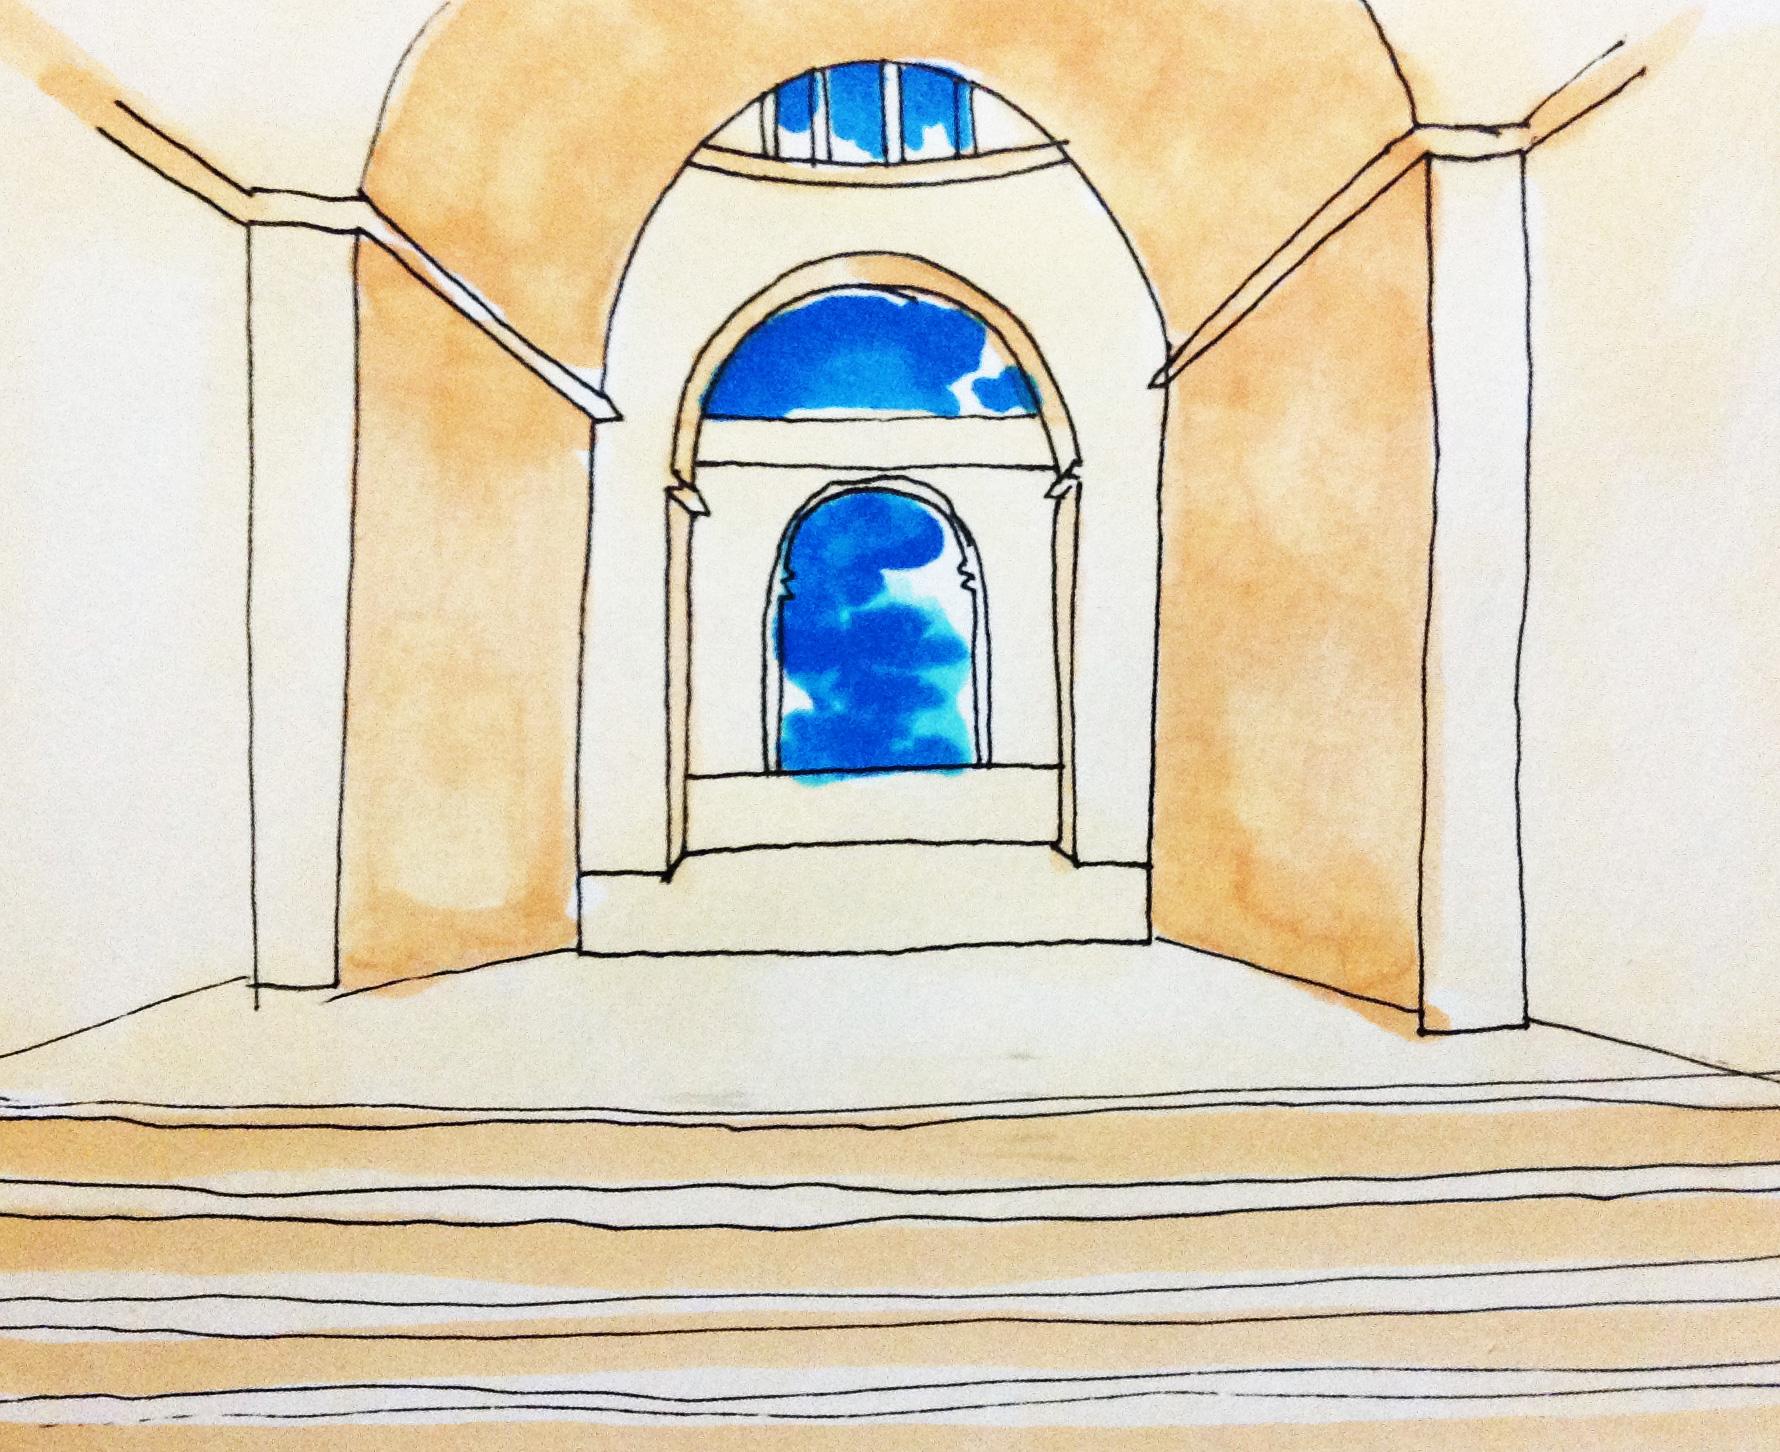 アテナイの学堂のイメージをコピックマーカーで描いたイラスト